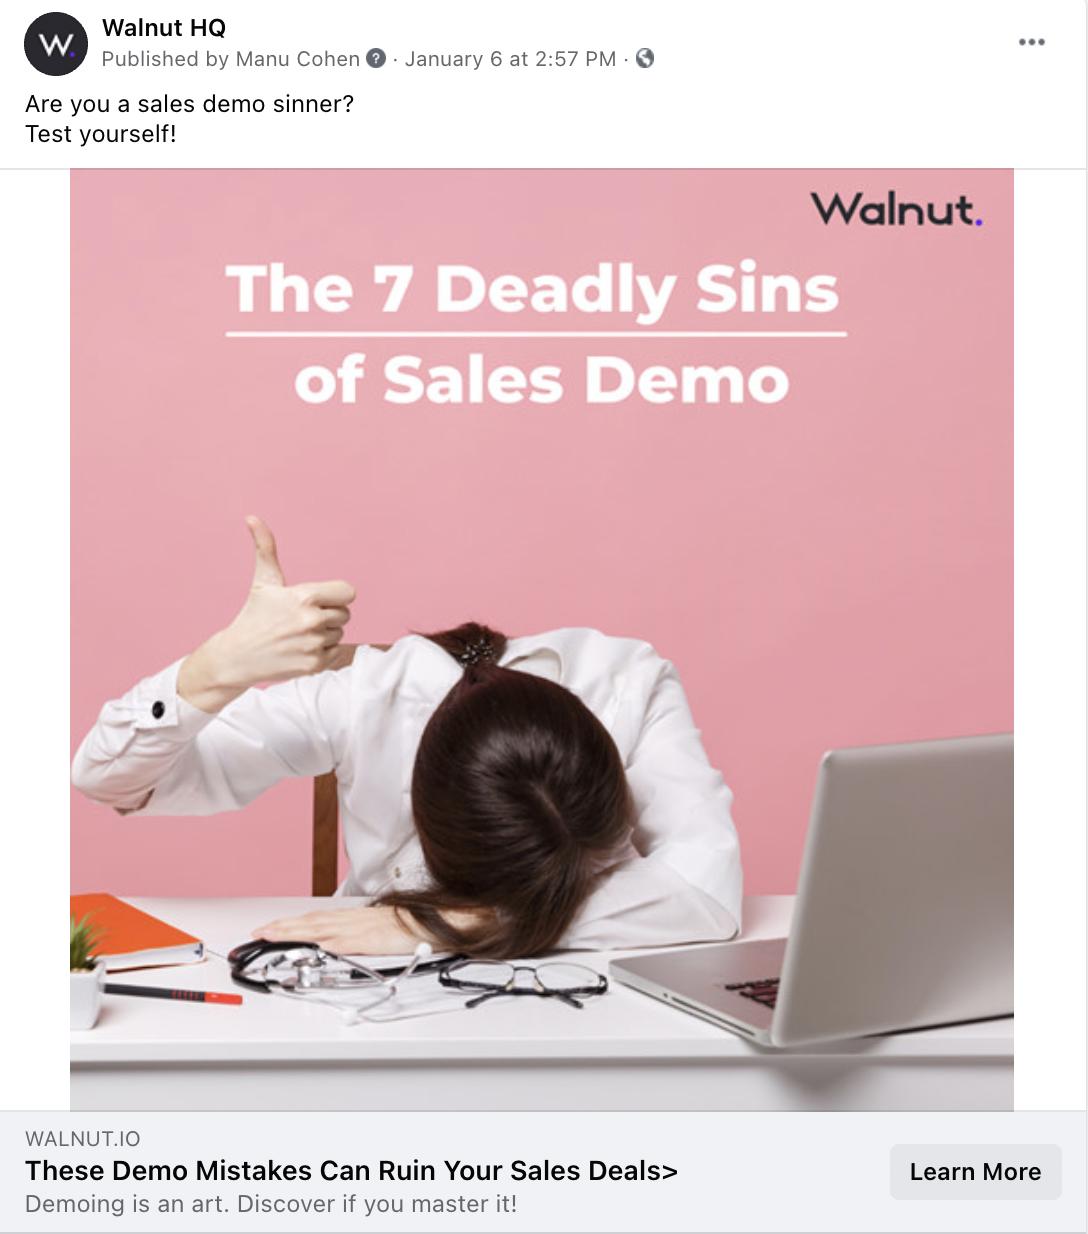 Social media - Blog sharing Walnut - Sales demo mistakes